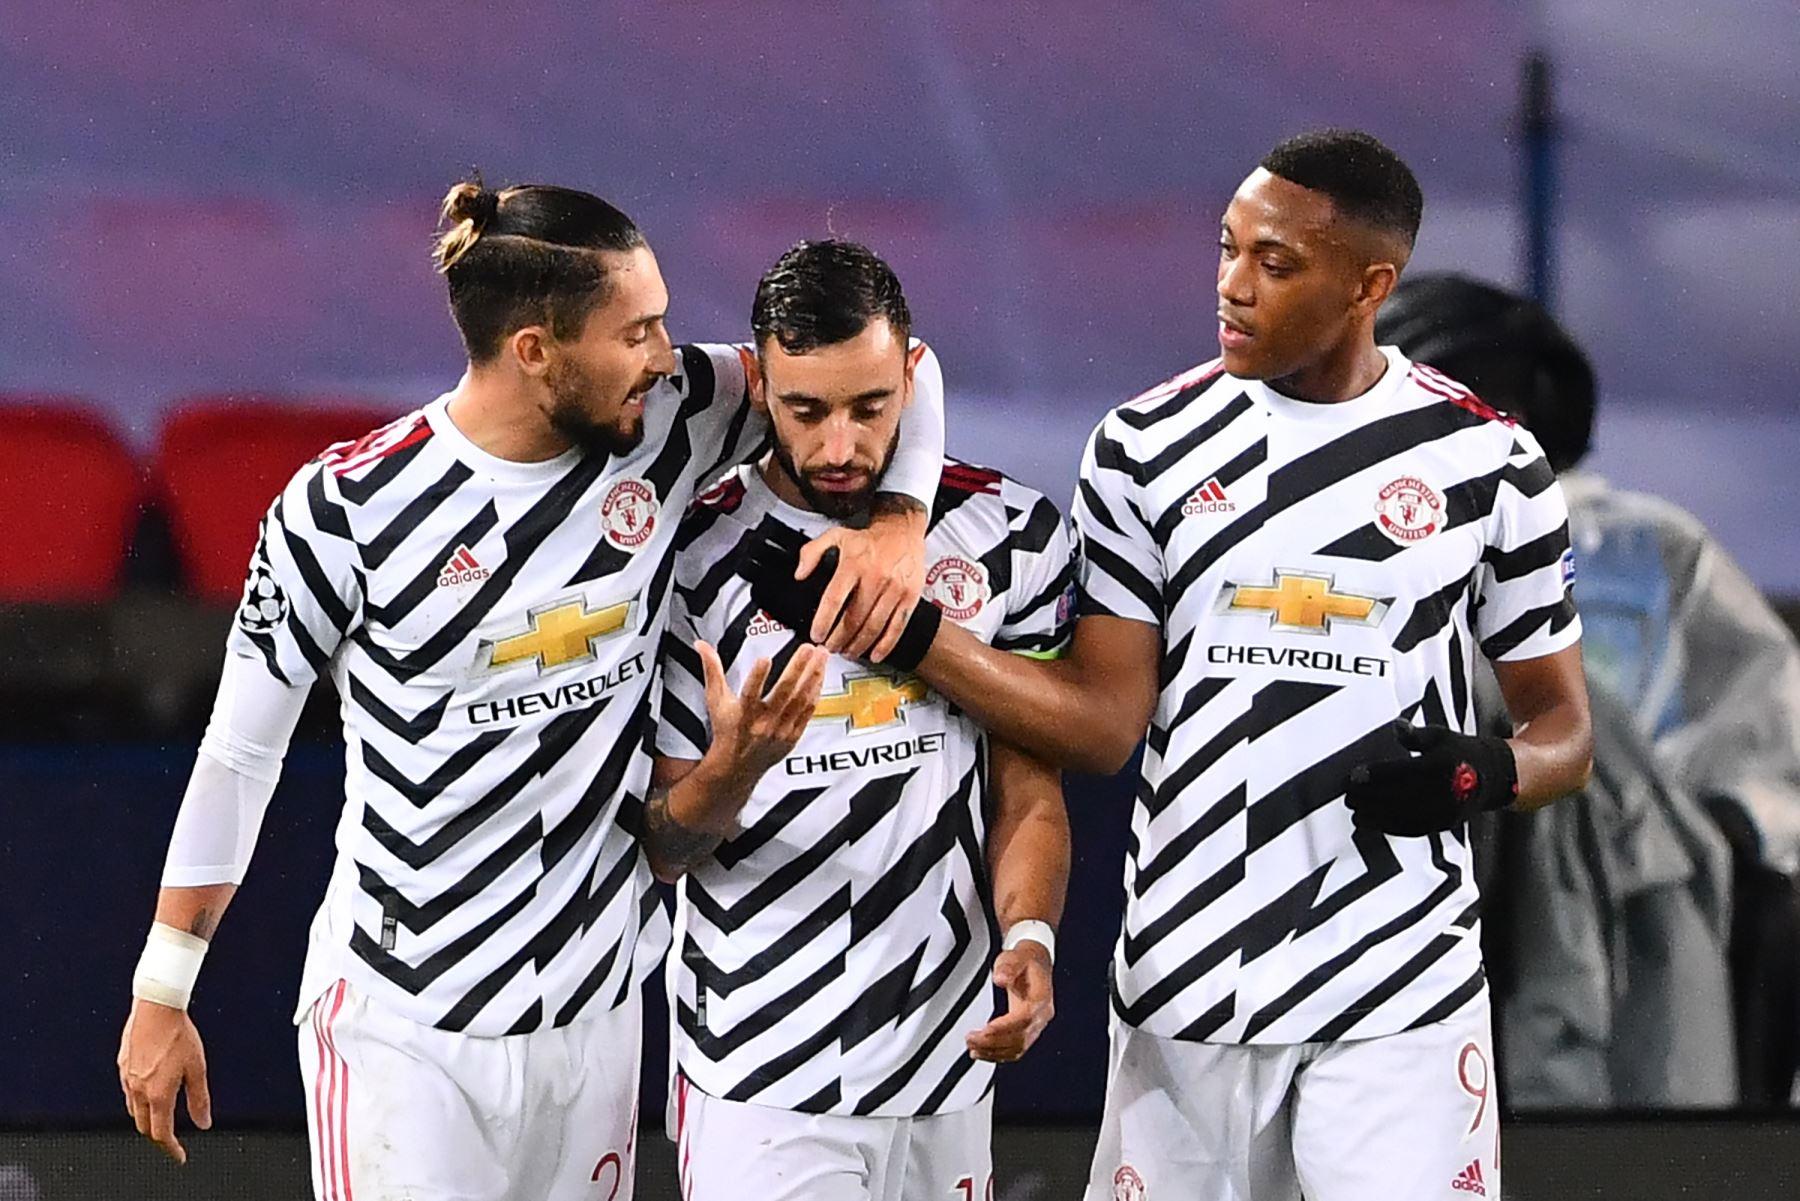 El centrocampista portugués del Manchester United Bruno Fernandes celebra con sus compañeros de equipo después de marcar un penalti durante el partido contra PSG por la Liga de Campeones la UEFA. Foto: AFP